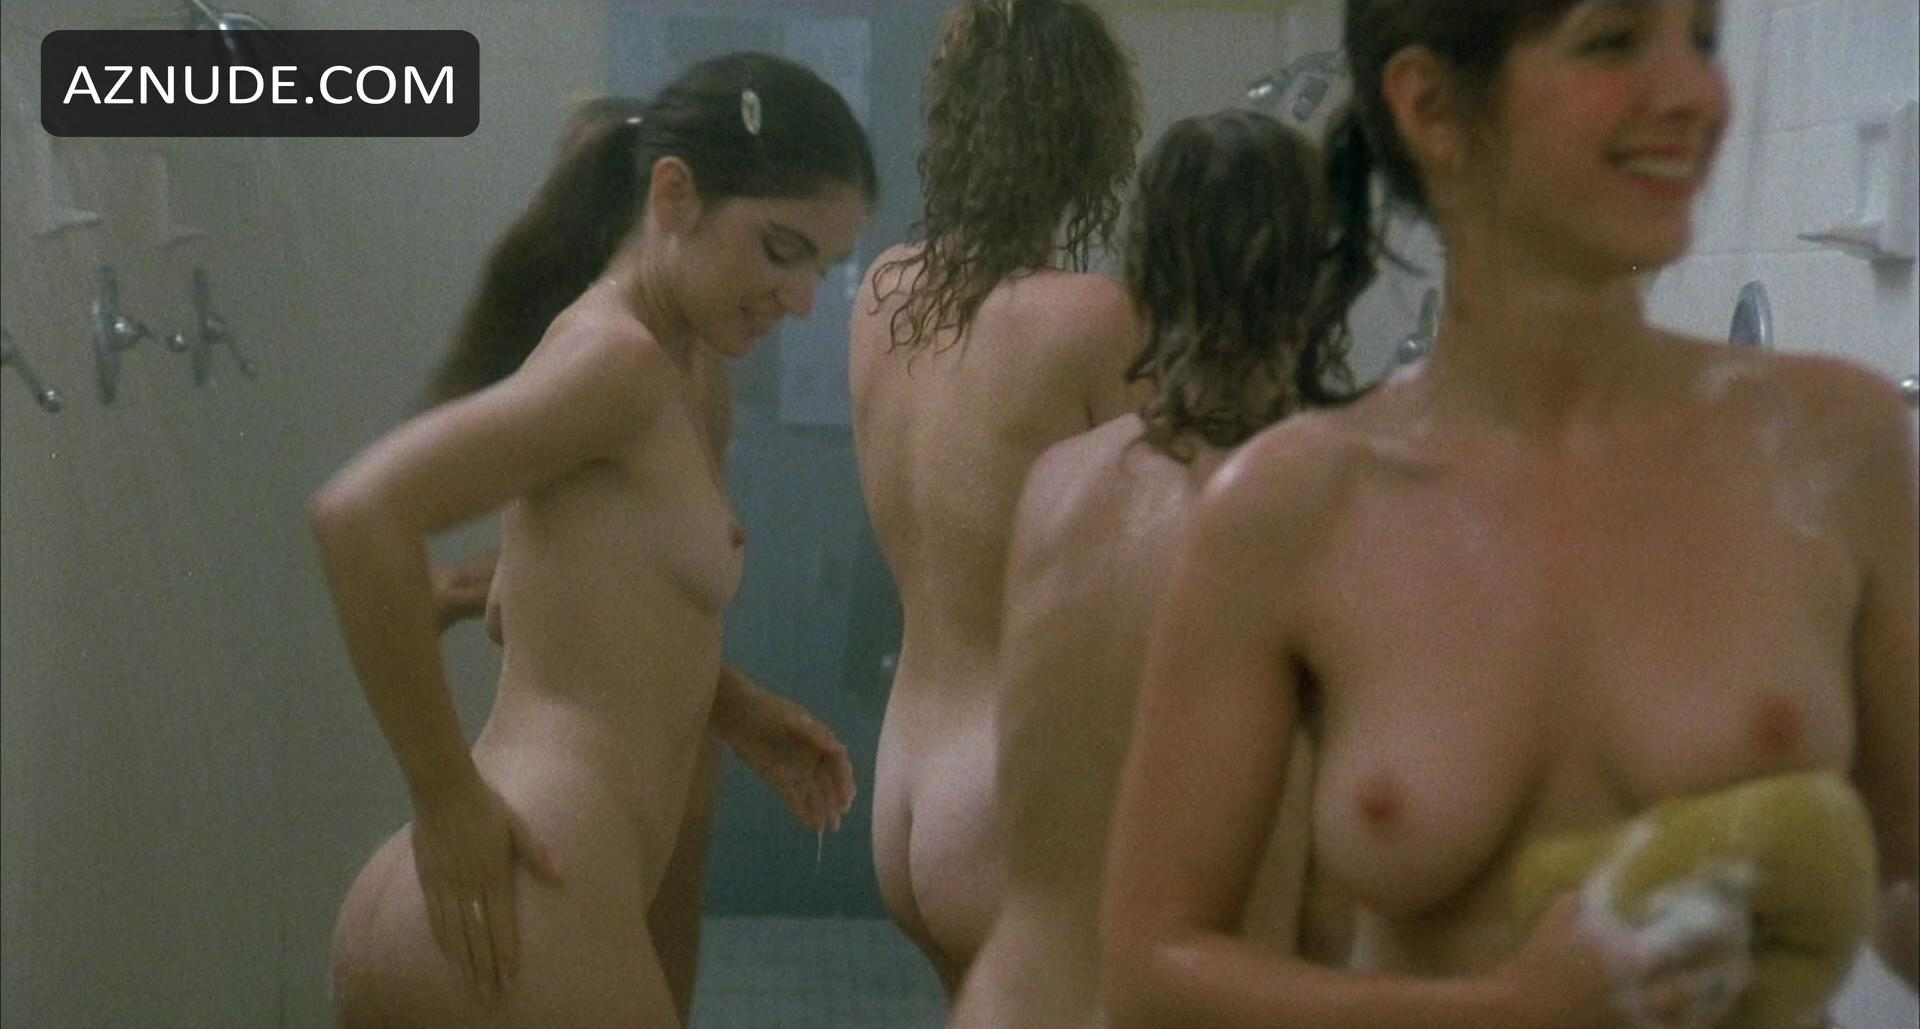 Naked Swedish Girls Nude - Nuslutcom-8599